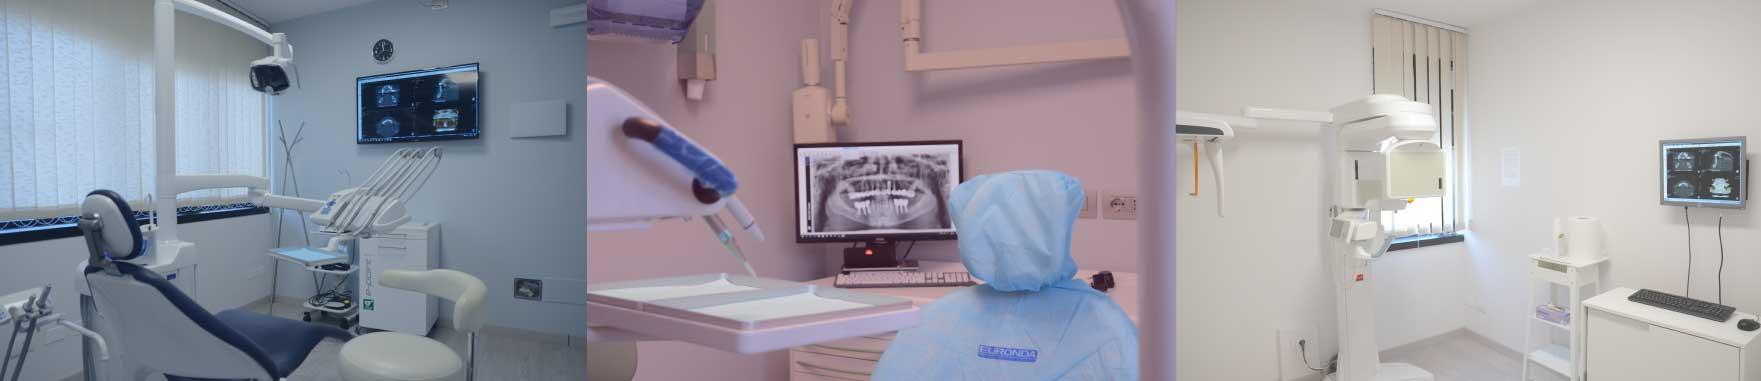 La migliore diagnosi dentistica 3D, a ridotta emissione di raggi X. - Studio dentistico Nappo-Salzano